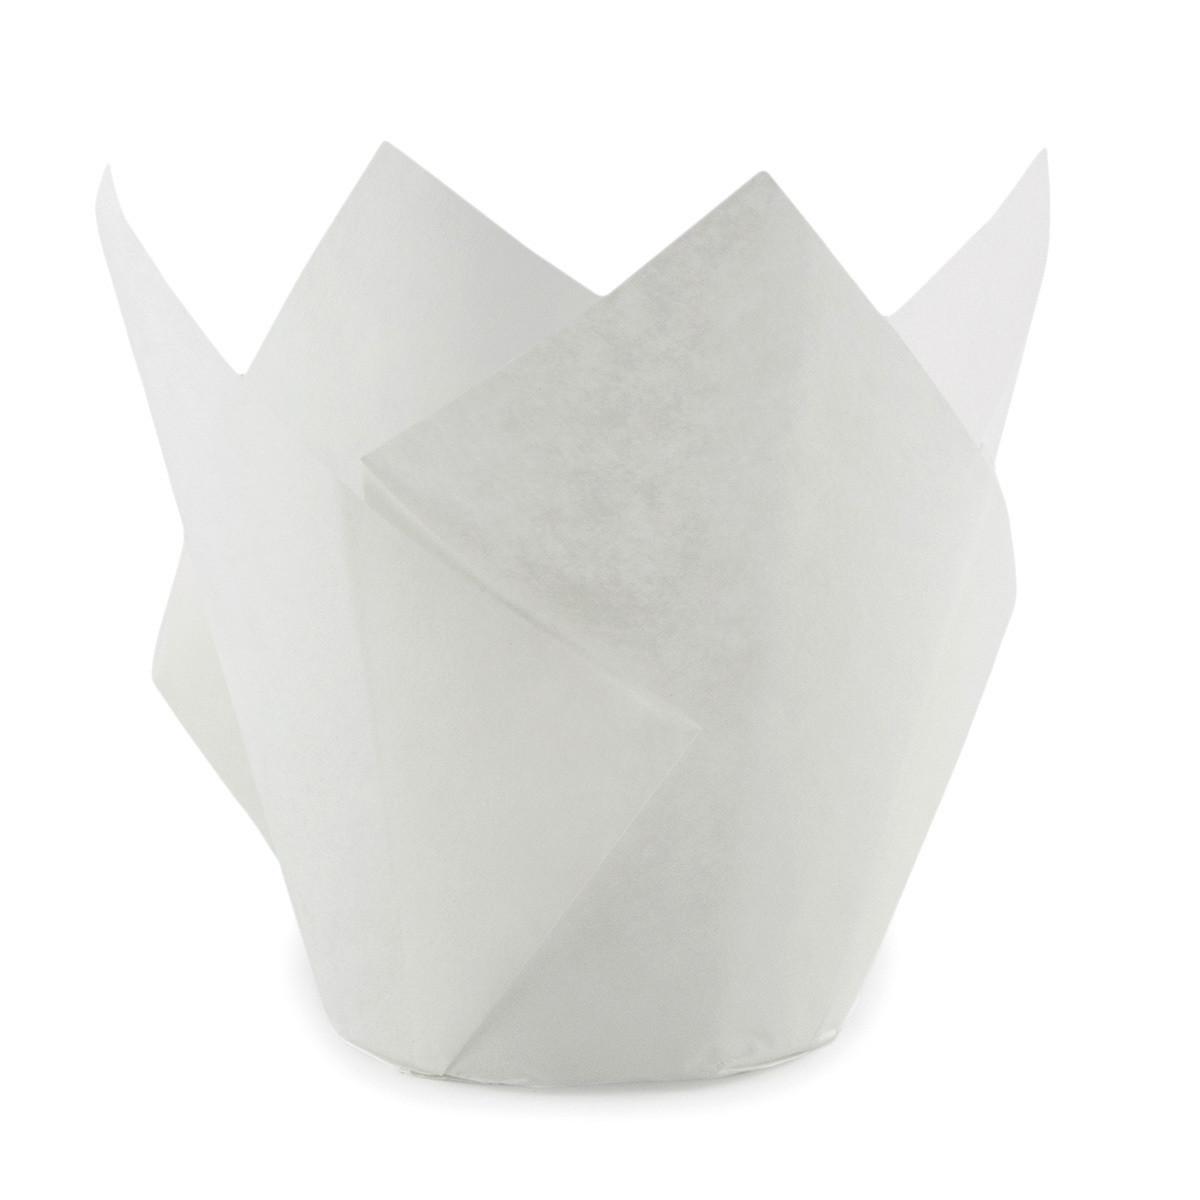 Форма Тюльпан Белый 1 шт.